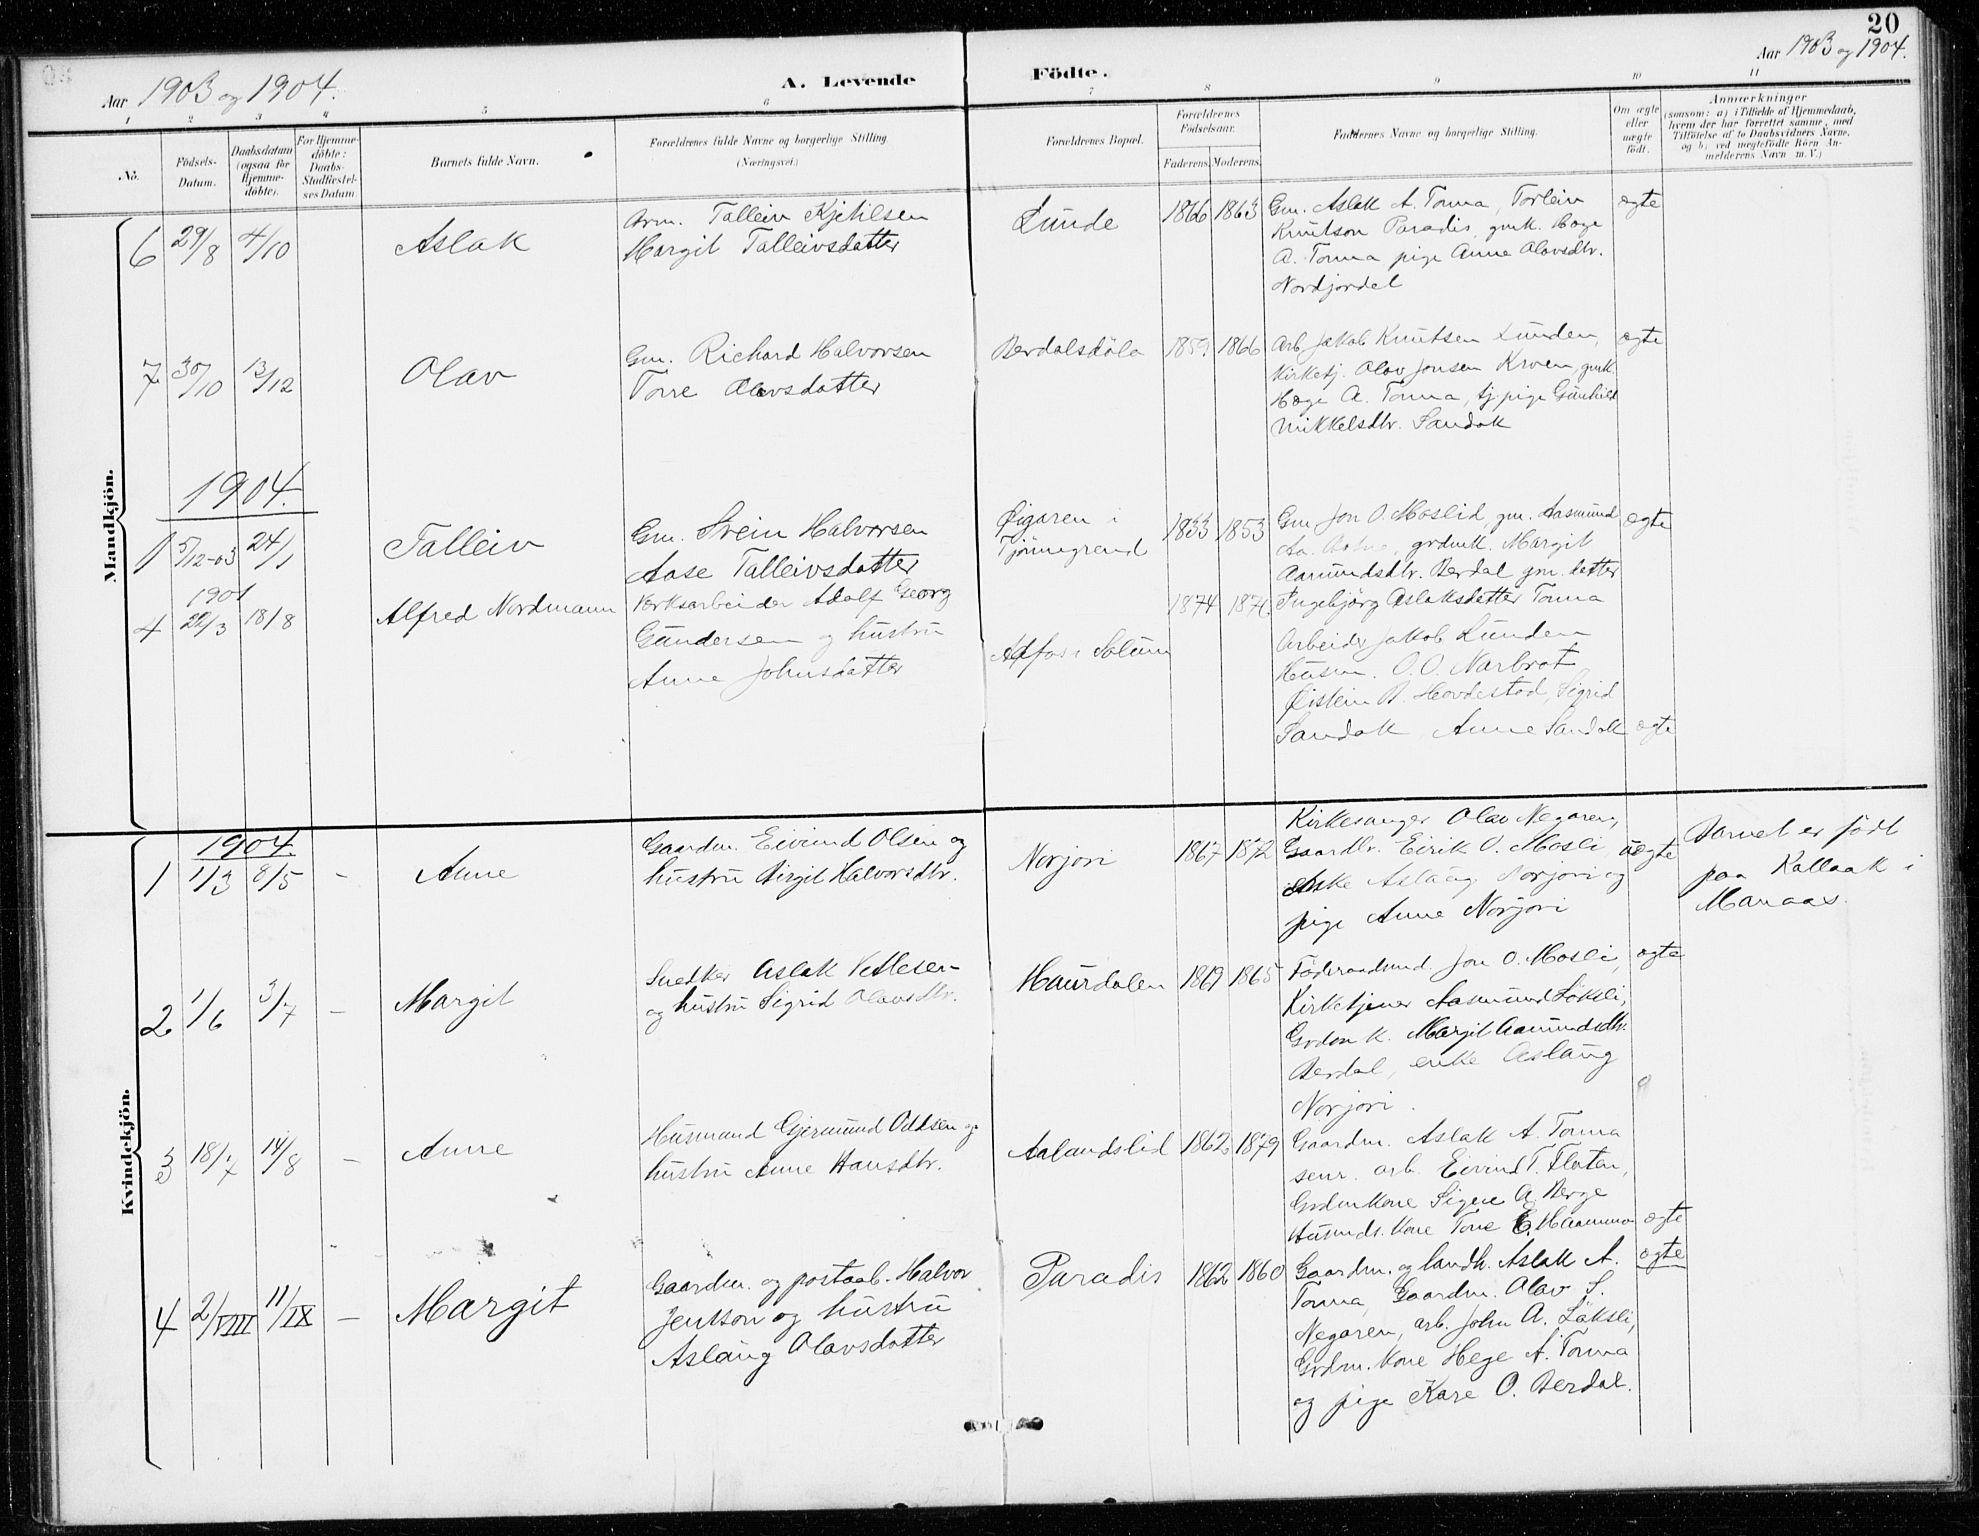 SAKO, Vinje kirkebøker, G/Gb/L0003: Klokkerbok nr. II 3, 1892-1943, s. 20